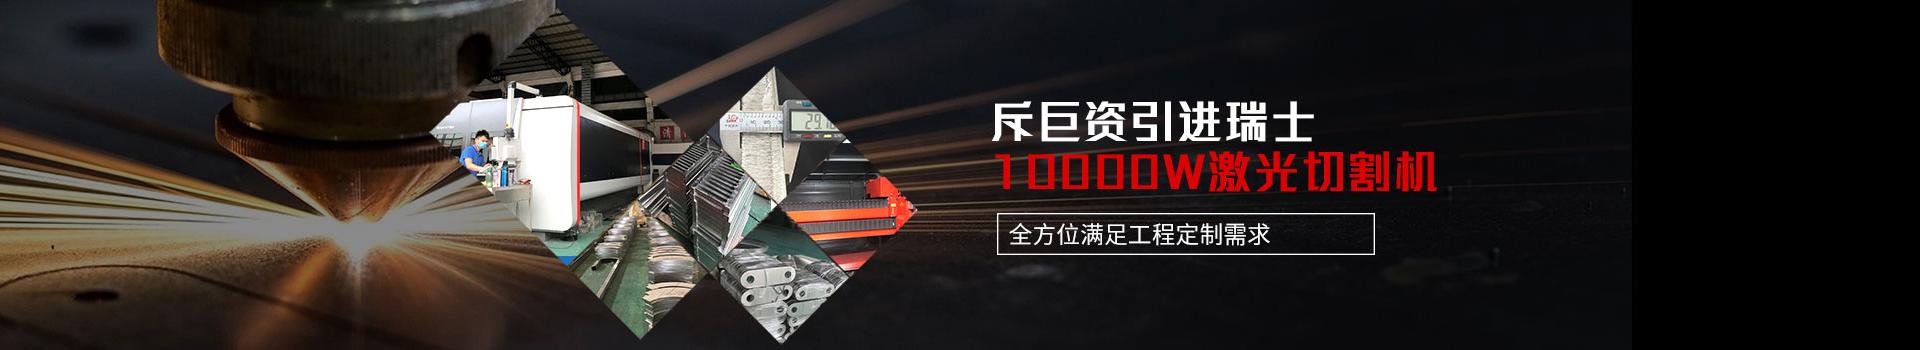 点赞装饰-斥巨资引进瑞士10000W激光切割机